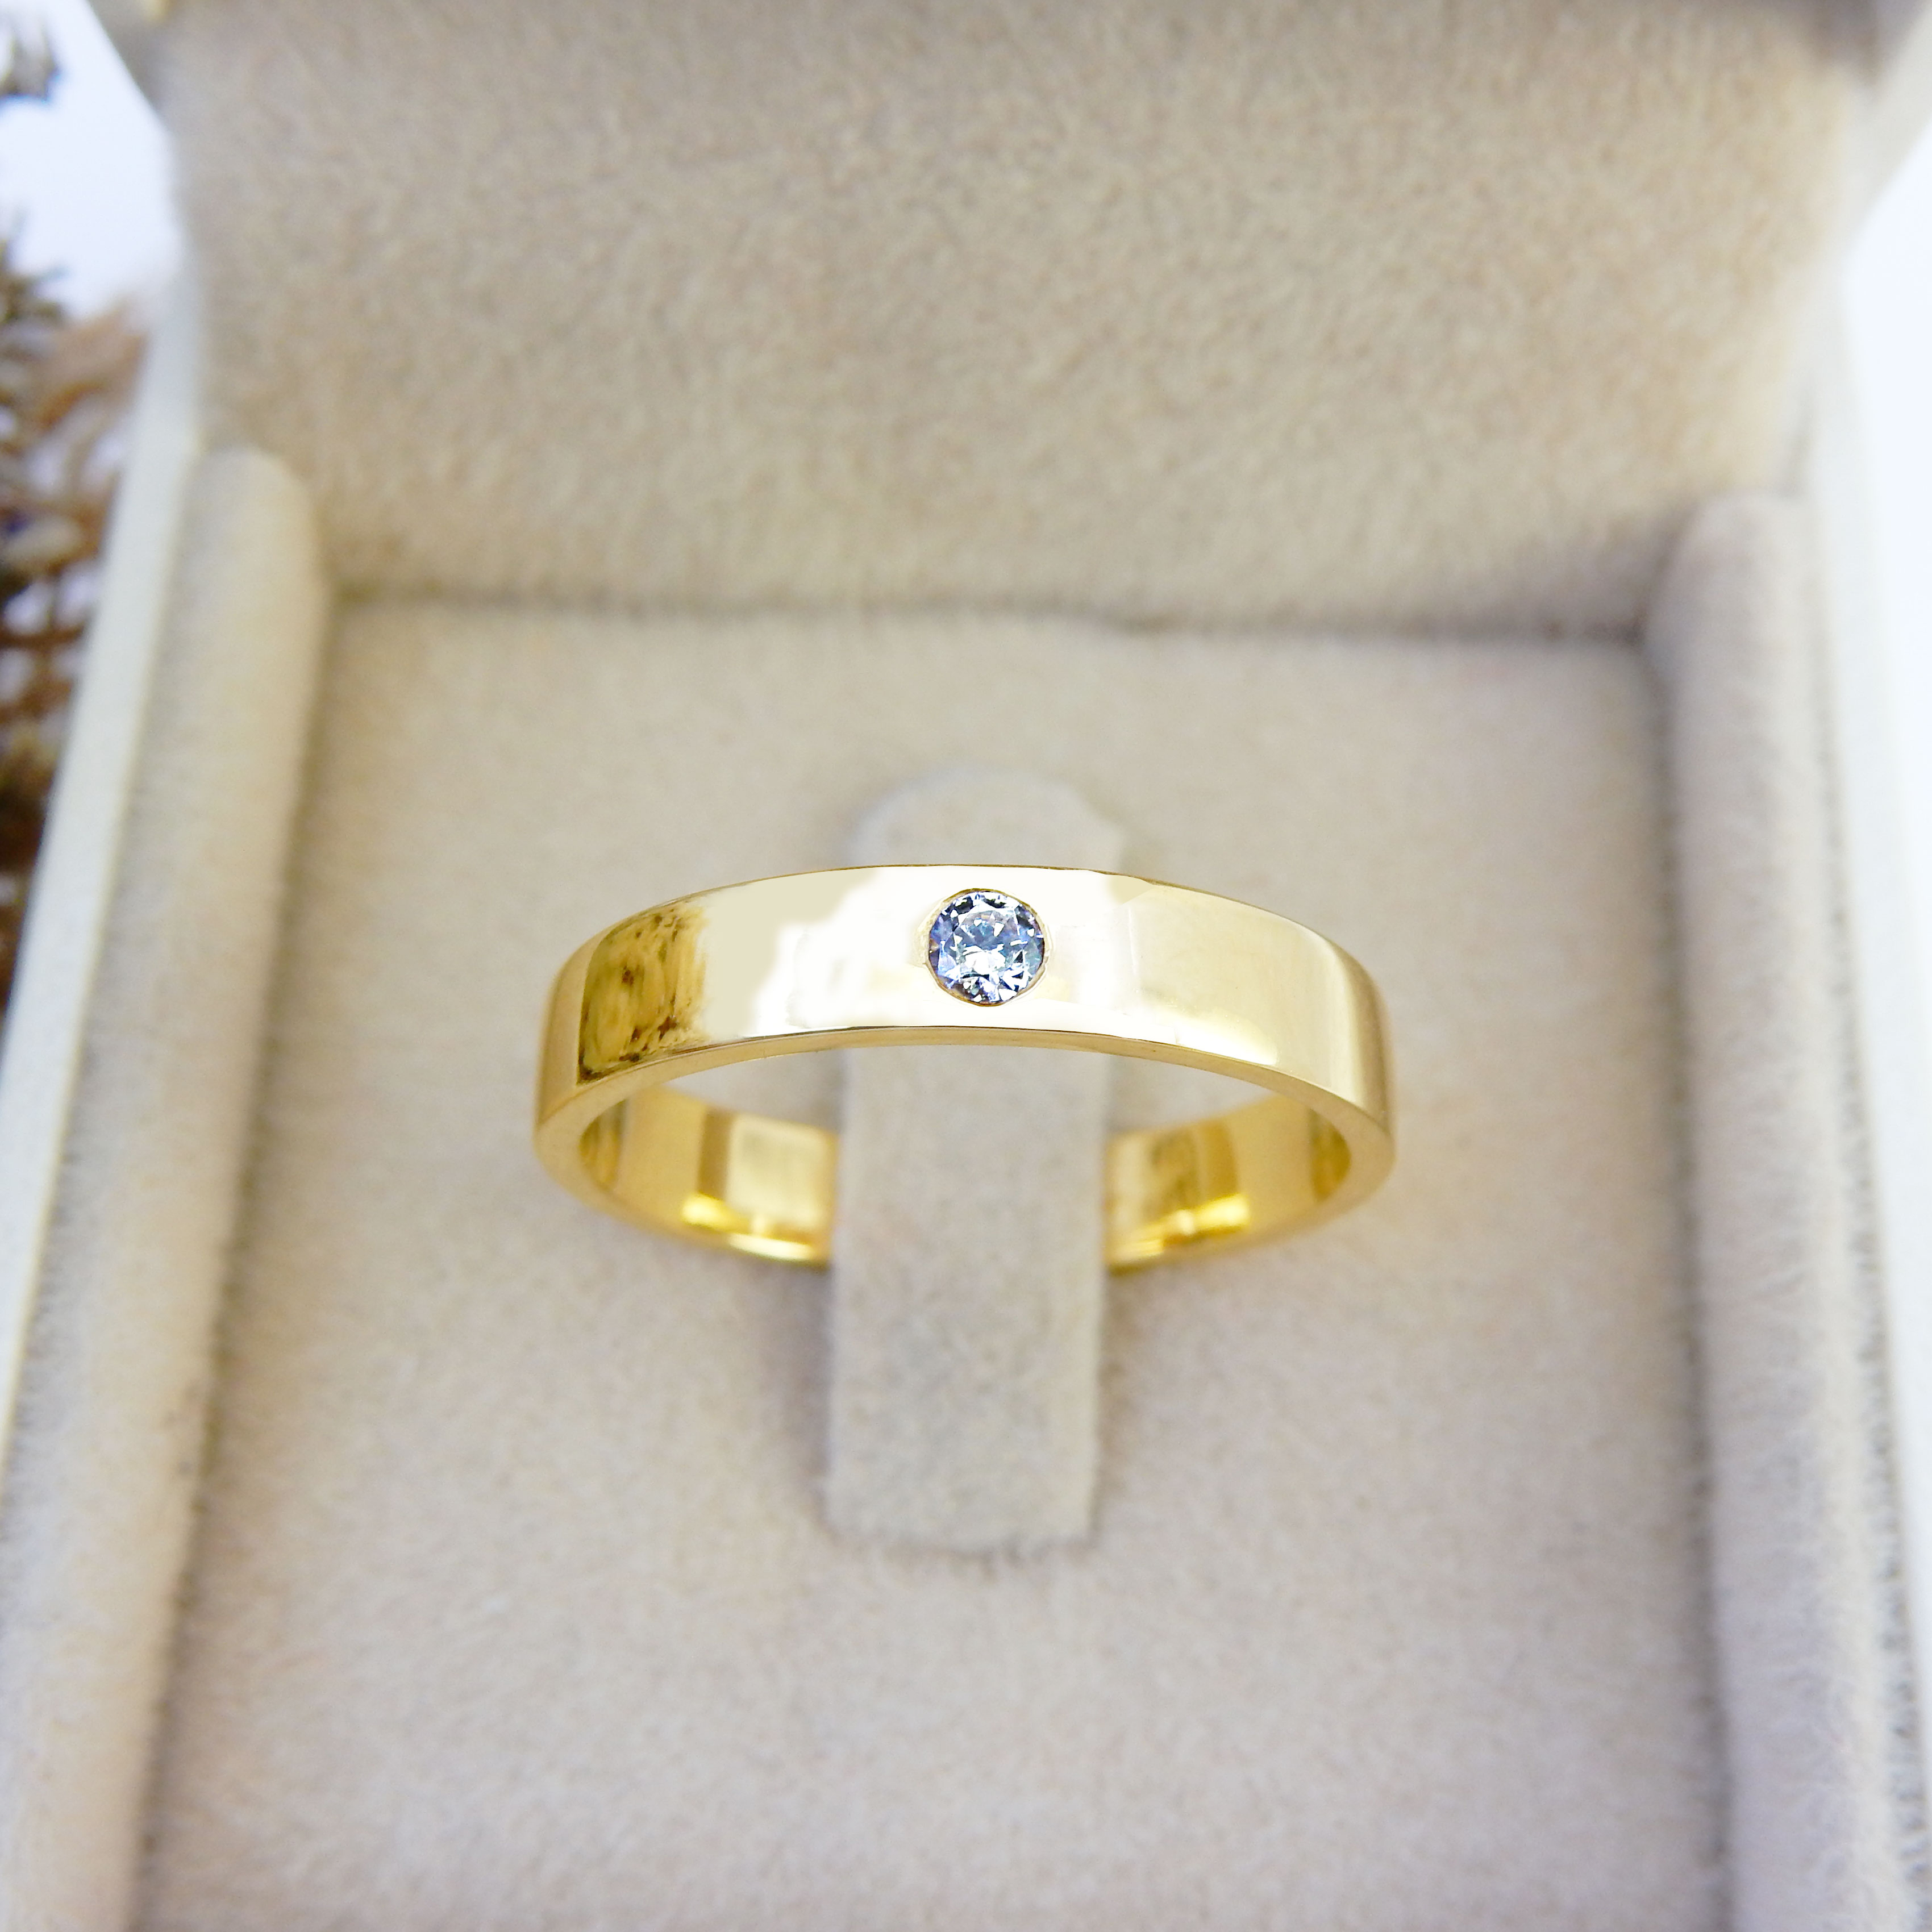 แหวนผู้ชาย